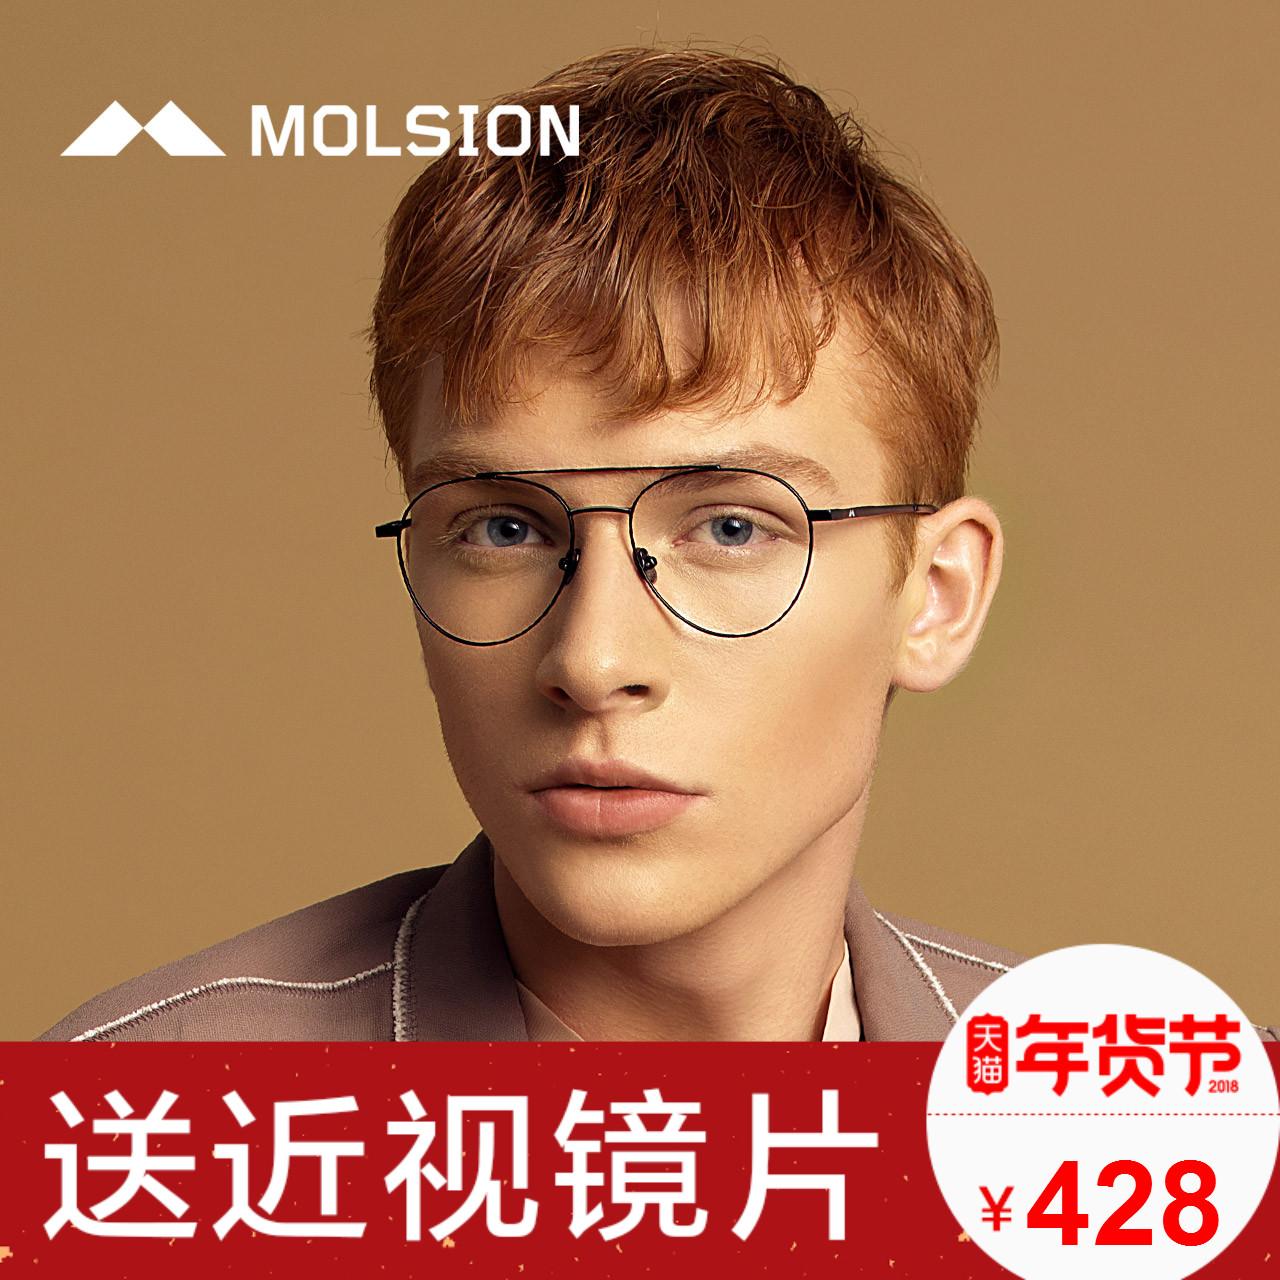 Molsion陌森明星同款近视眼镜架新款复古圆框男女款眼镜框可配镜